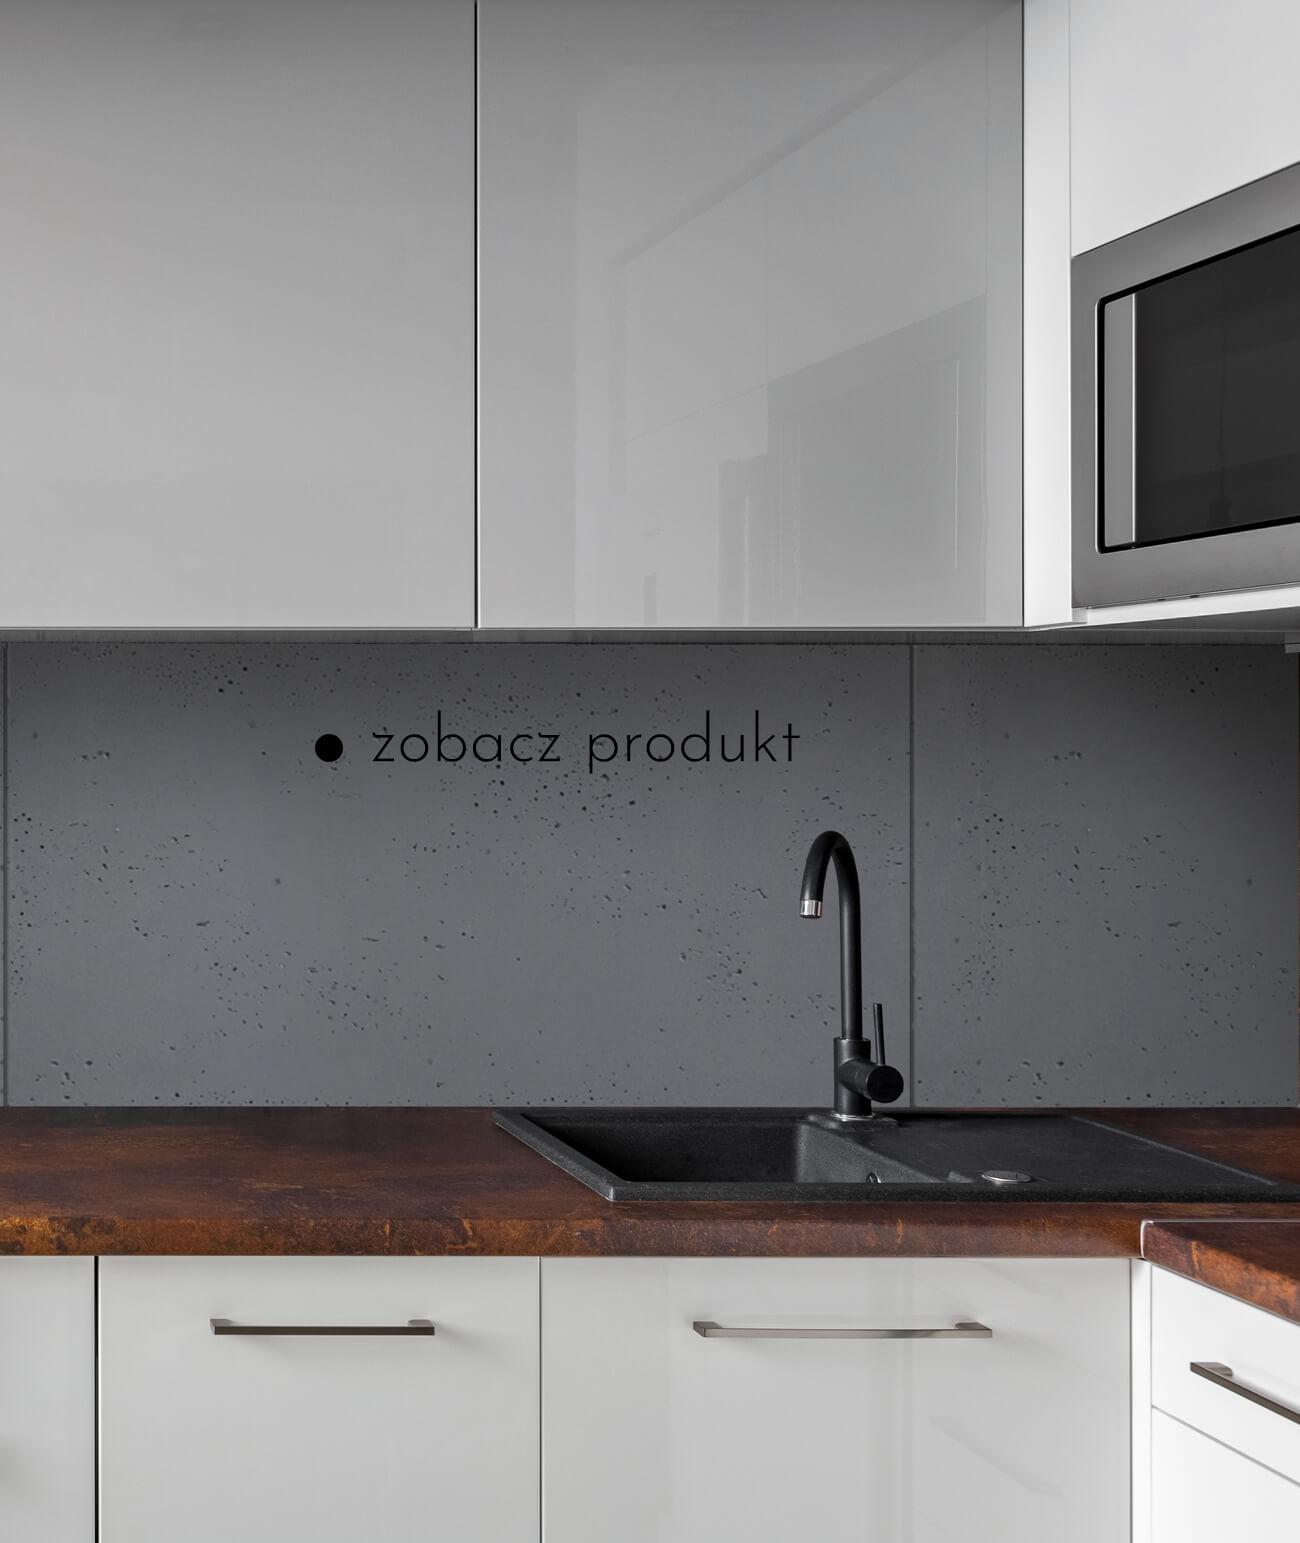 plyty-betonowe-scienne-i-elewacyjne-beton-architektoniczny_670-10762--b8-antracyt---plyta-beton-architektoniczny-rozne-wymiary